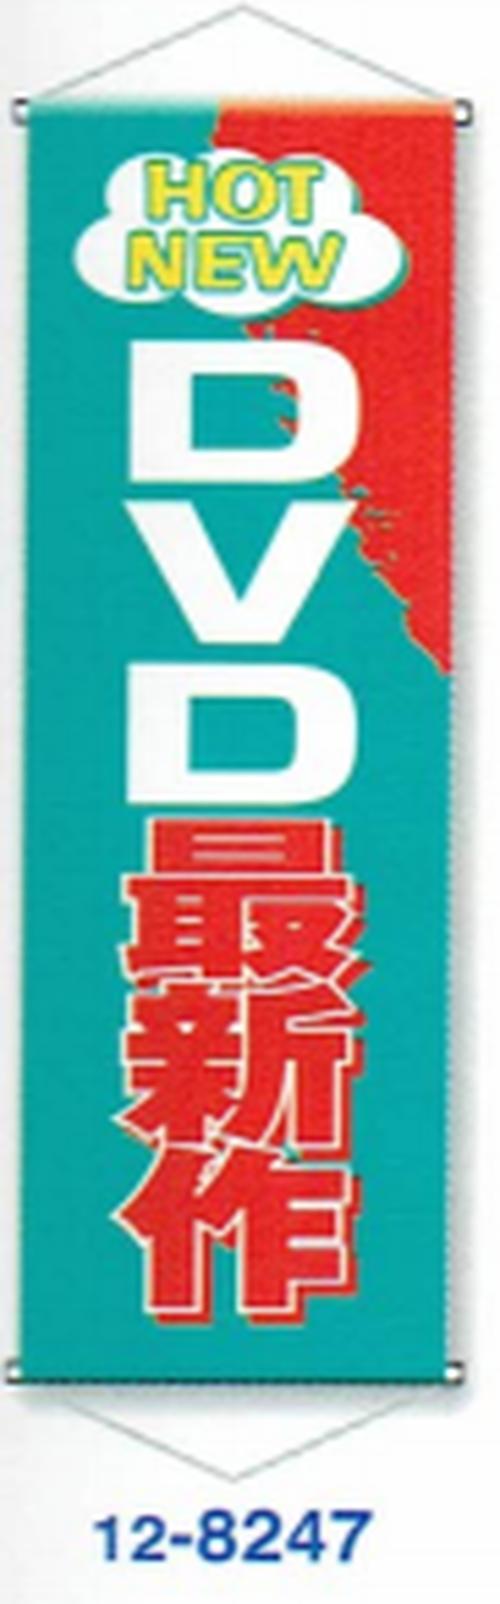 12-8247【垂れ幕】HOT NEW DVD最新作 緑